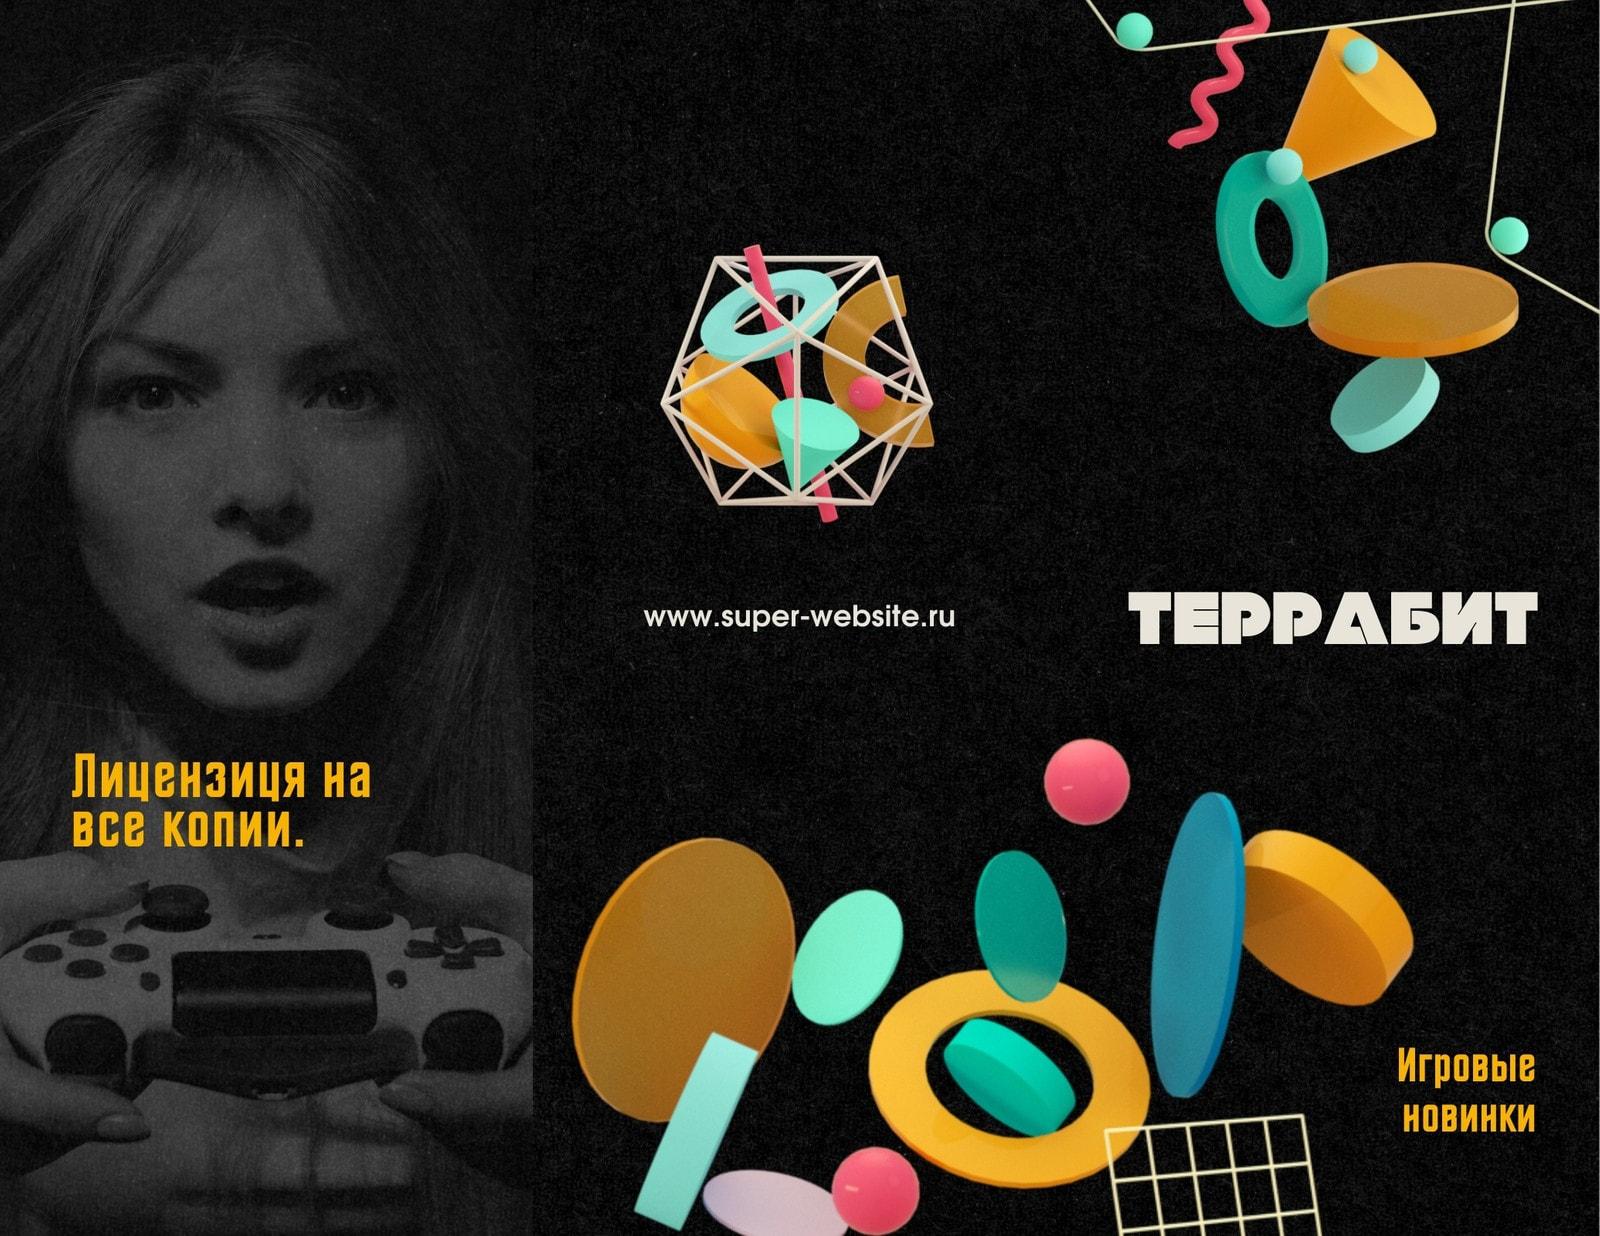 Черная брошюра с прайс-листом игр с цветными объемными геометрическими фигурами